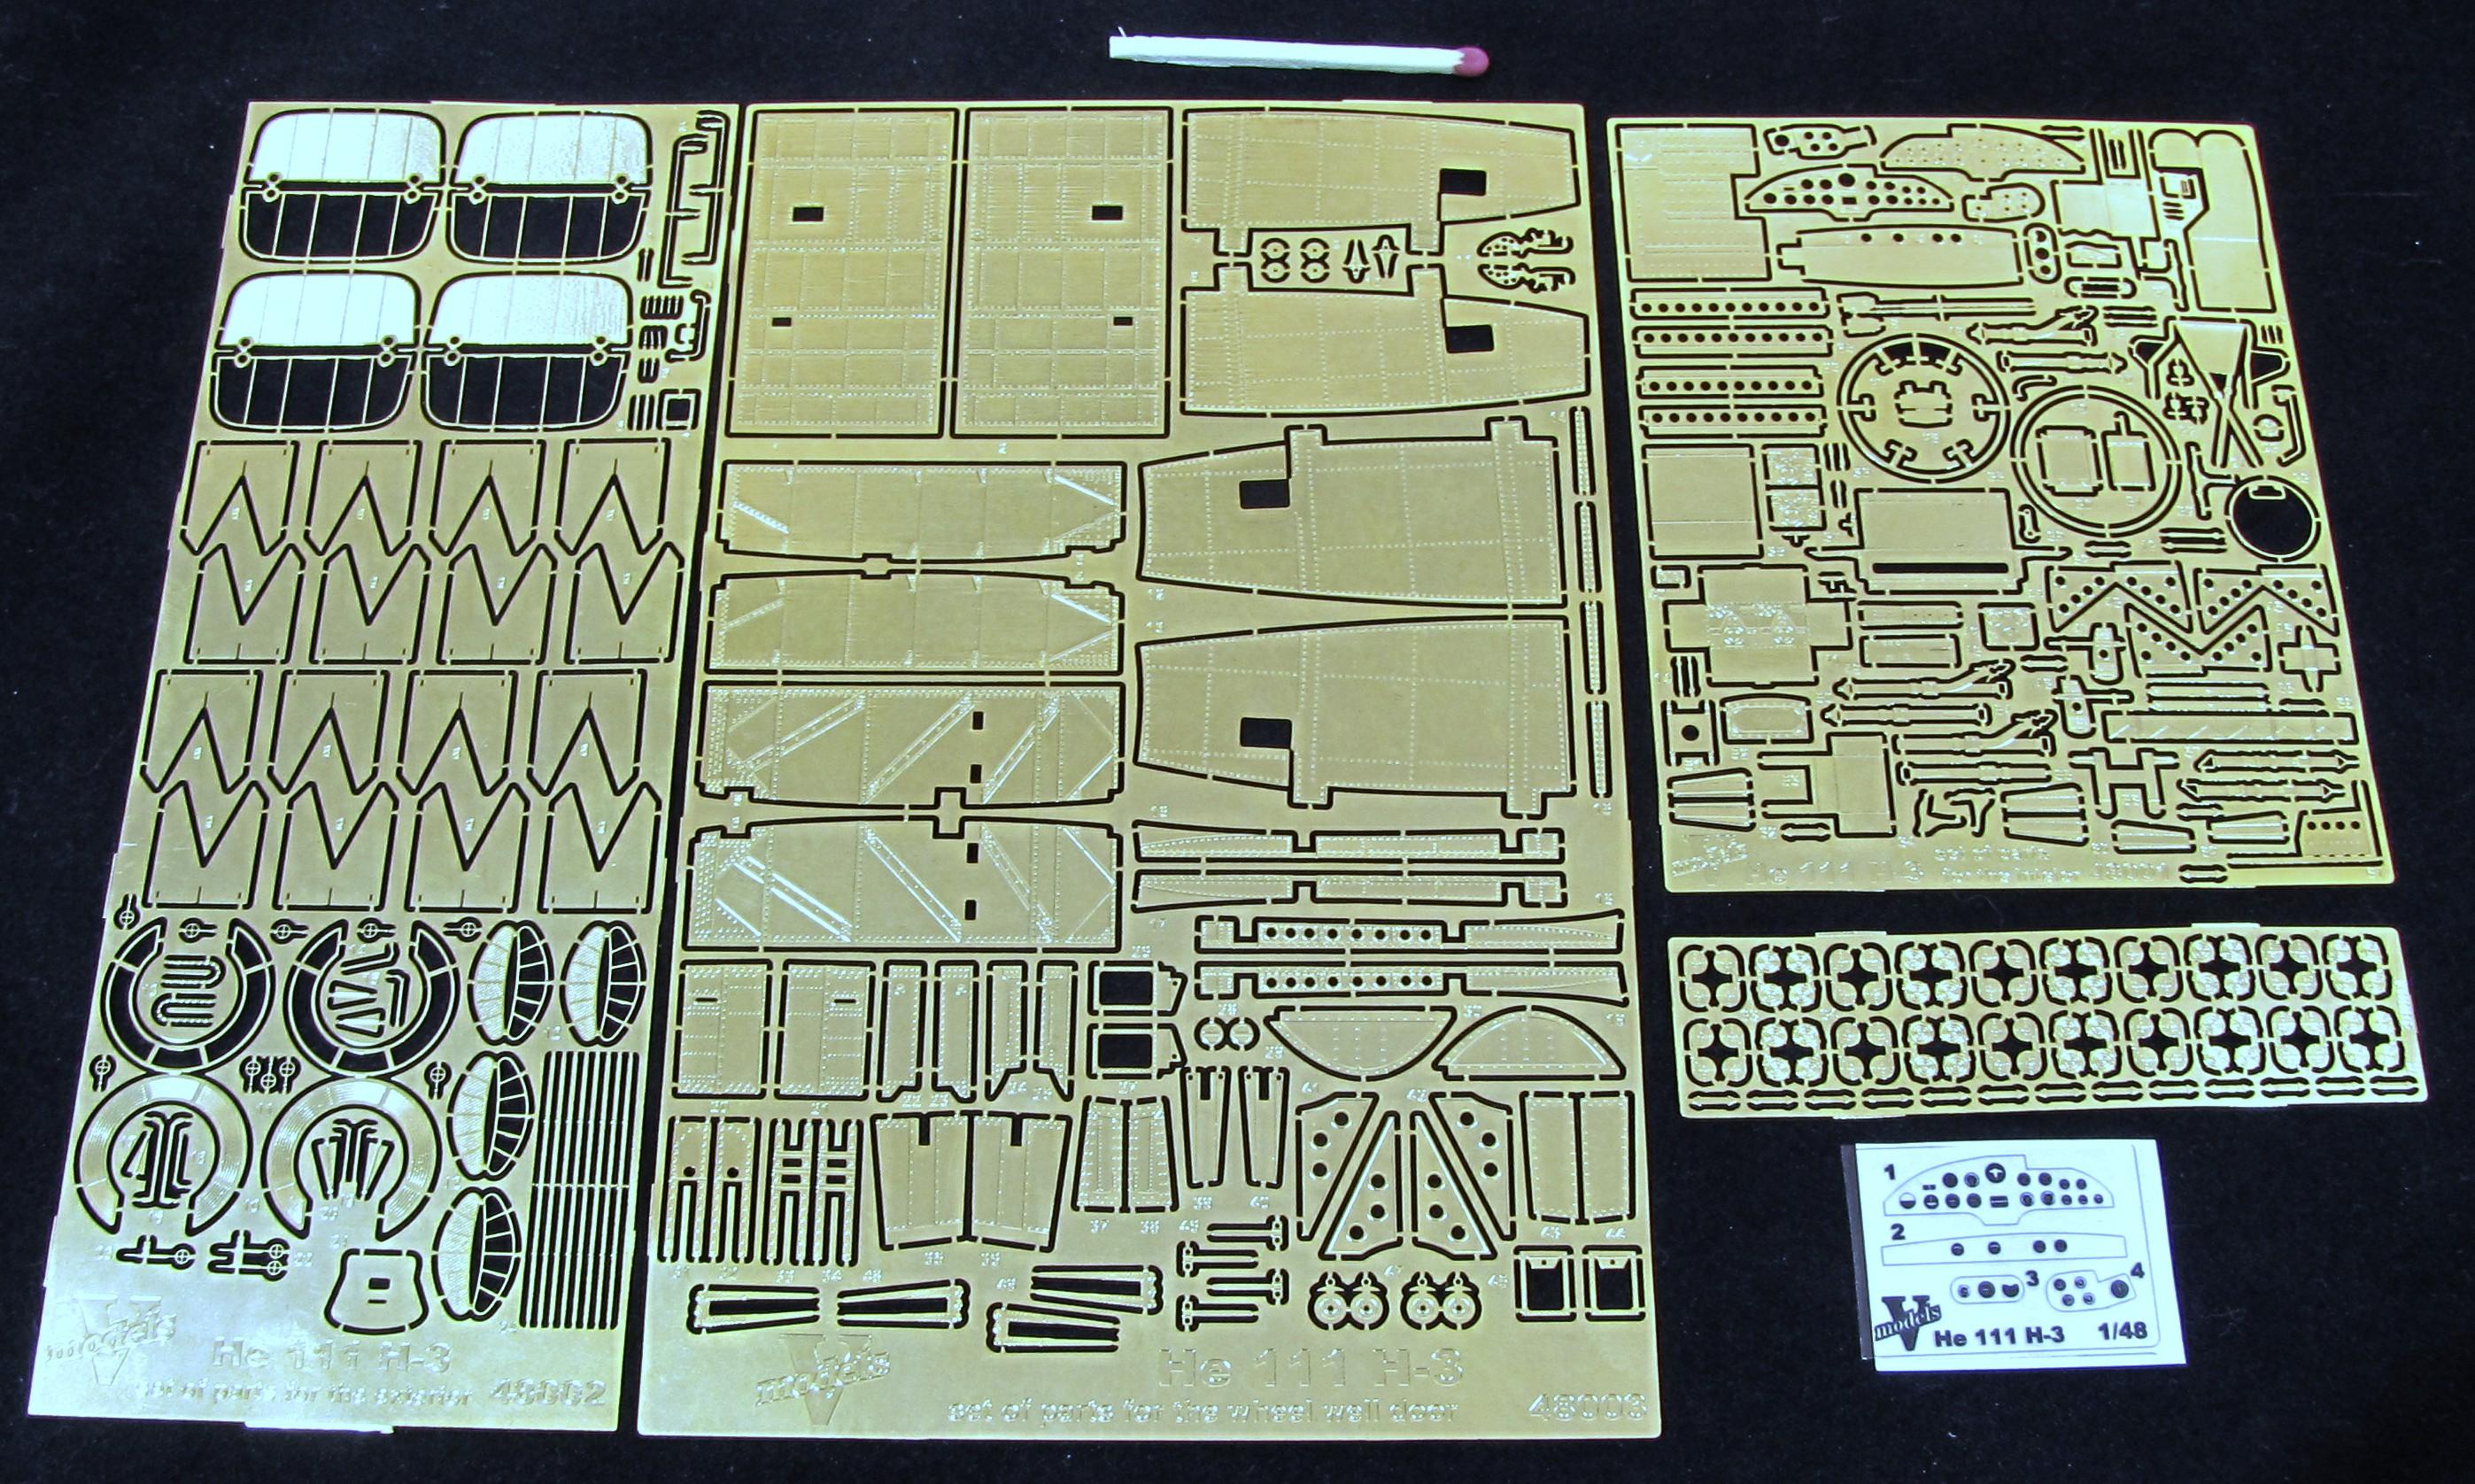 Набор He 111 H-3  48001, 48002, 48003